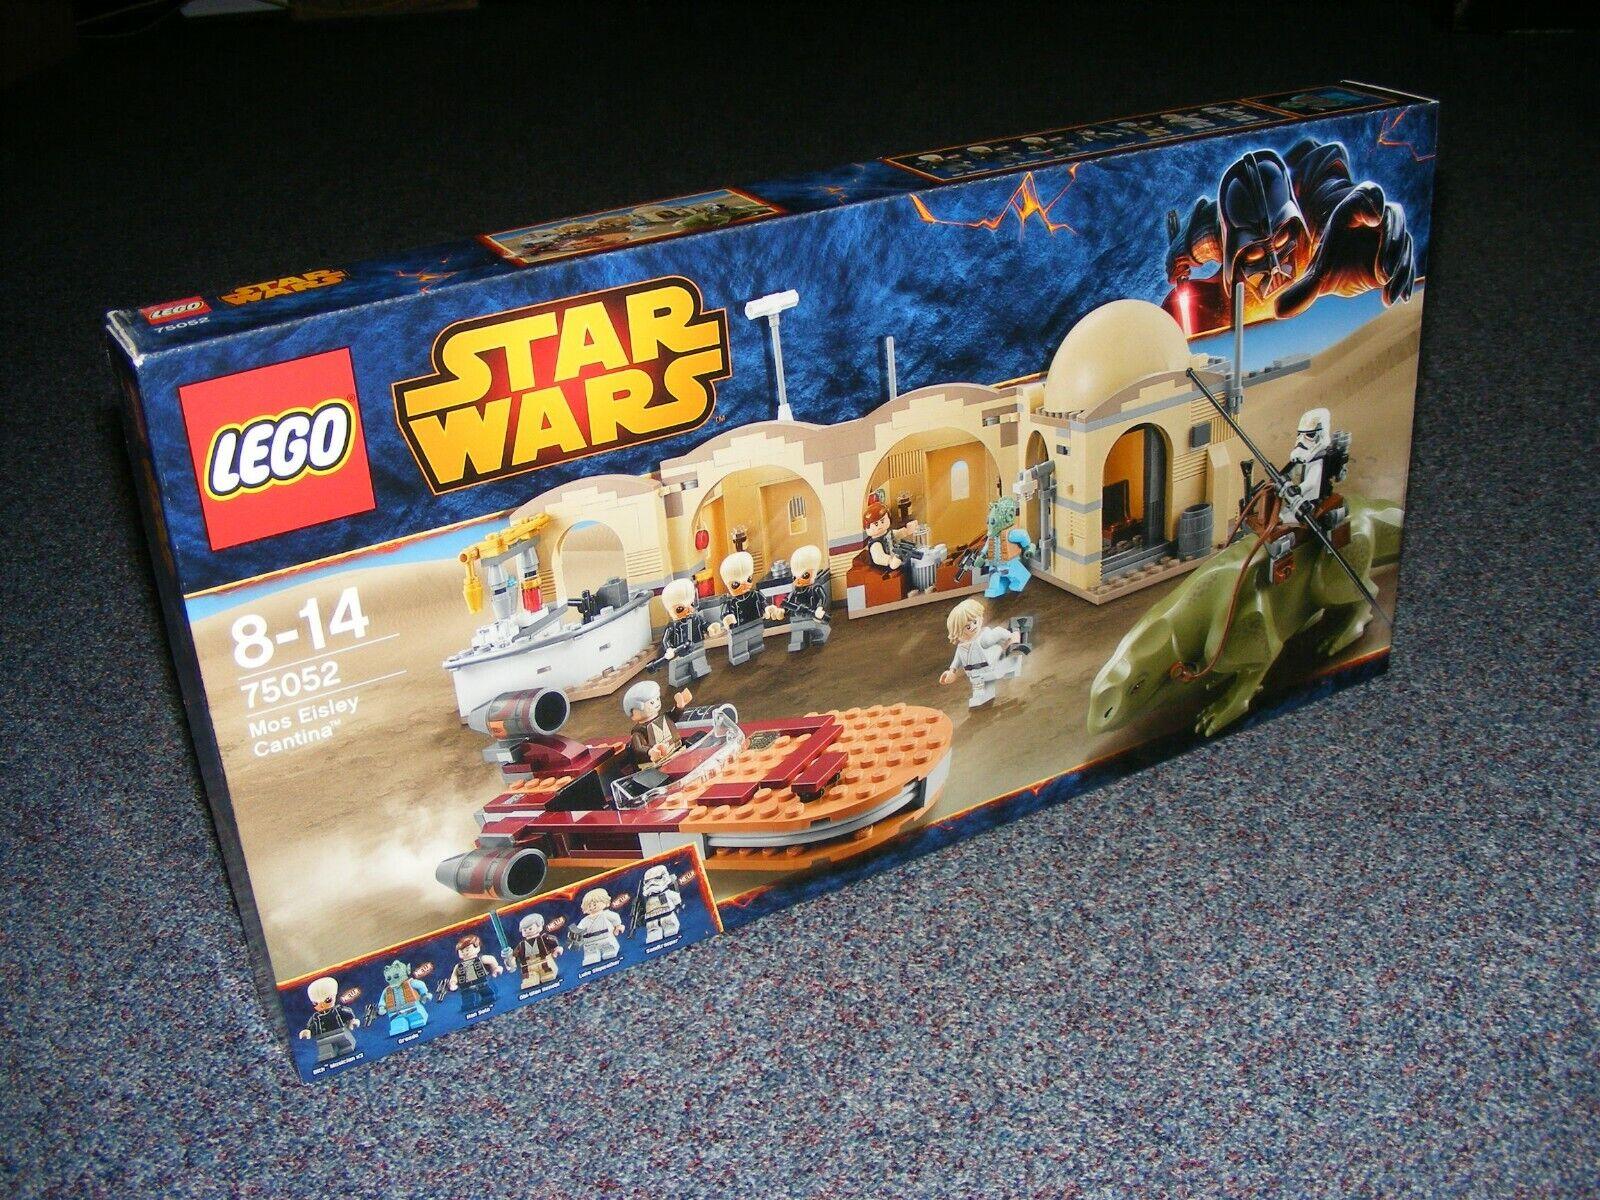 Star Wars Lego 75052 Mos Eisley Cantina Neuf Scellé